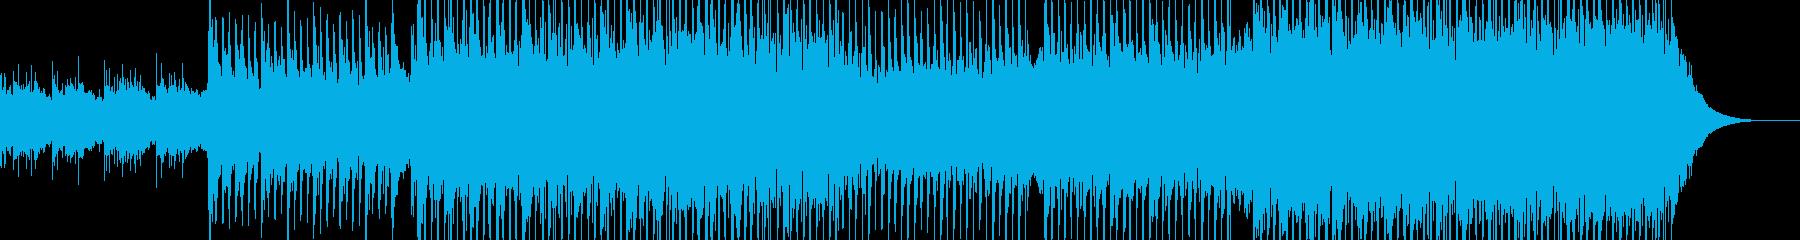 ポップ テクノ ロック 広い 壮大...の再生済みの波形